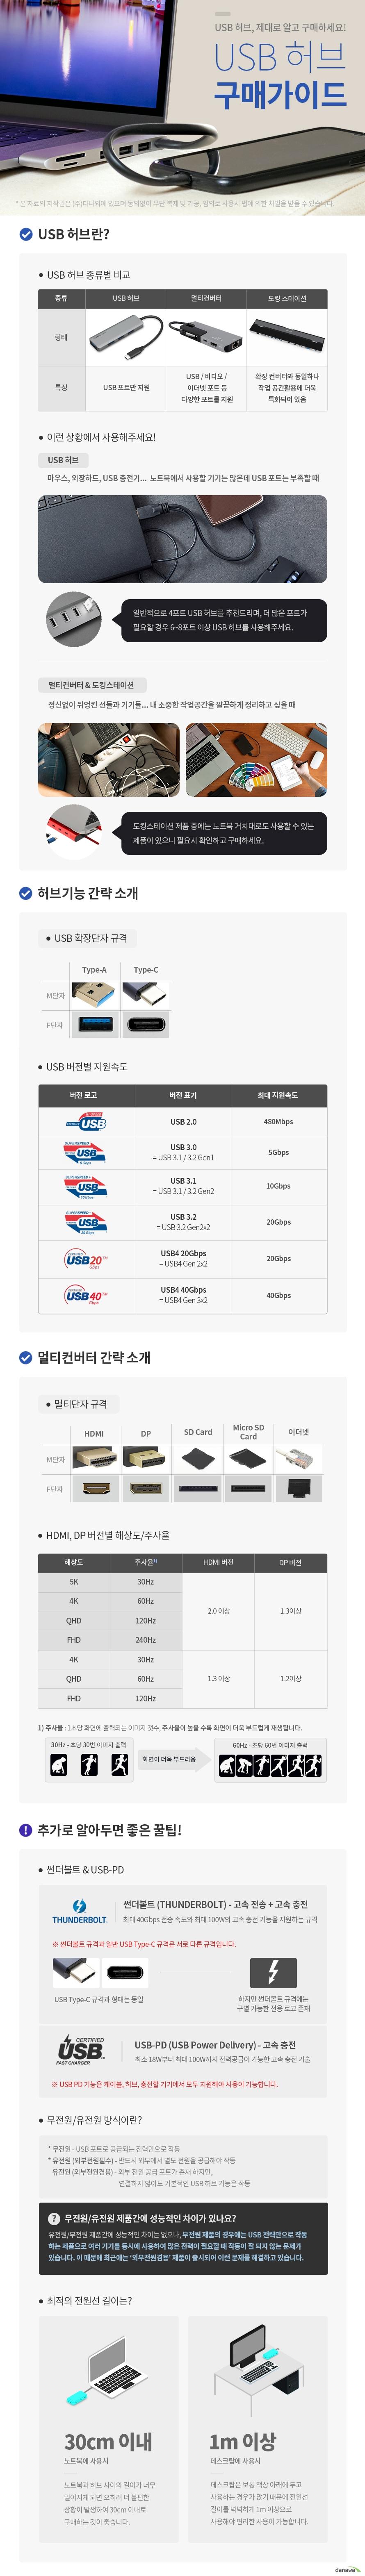 라이트컴 COMS IB085 (3포트/USB 3.0 Type C)